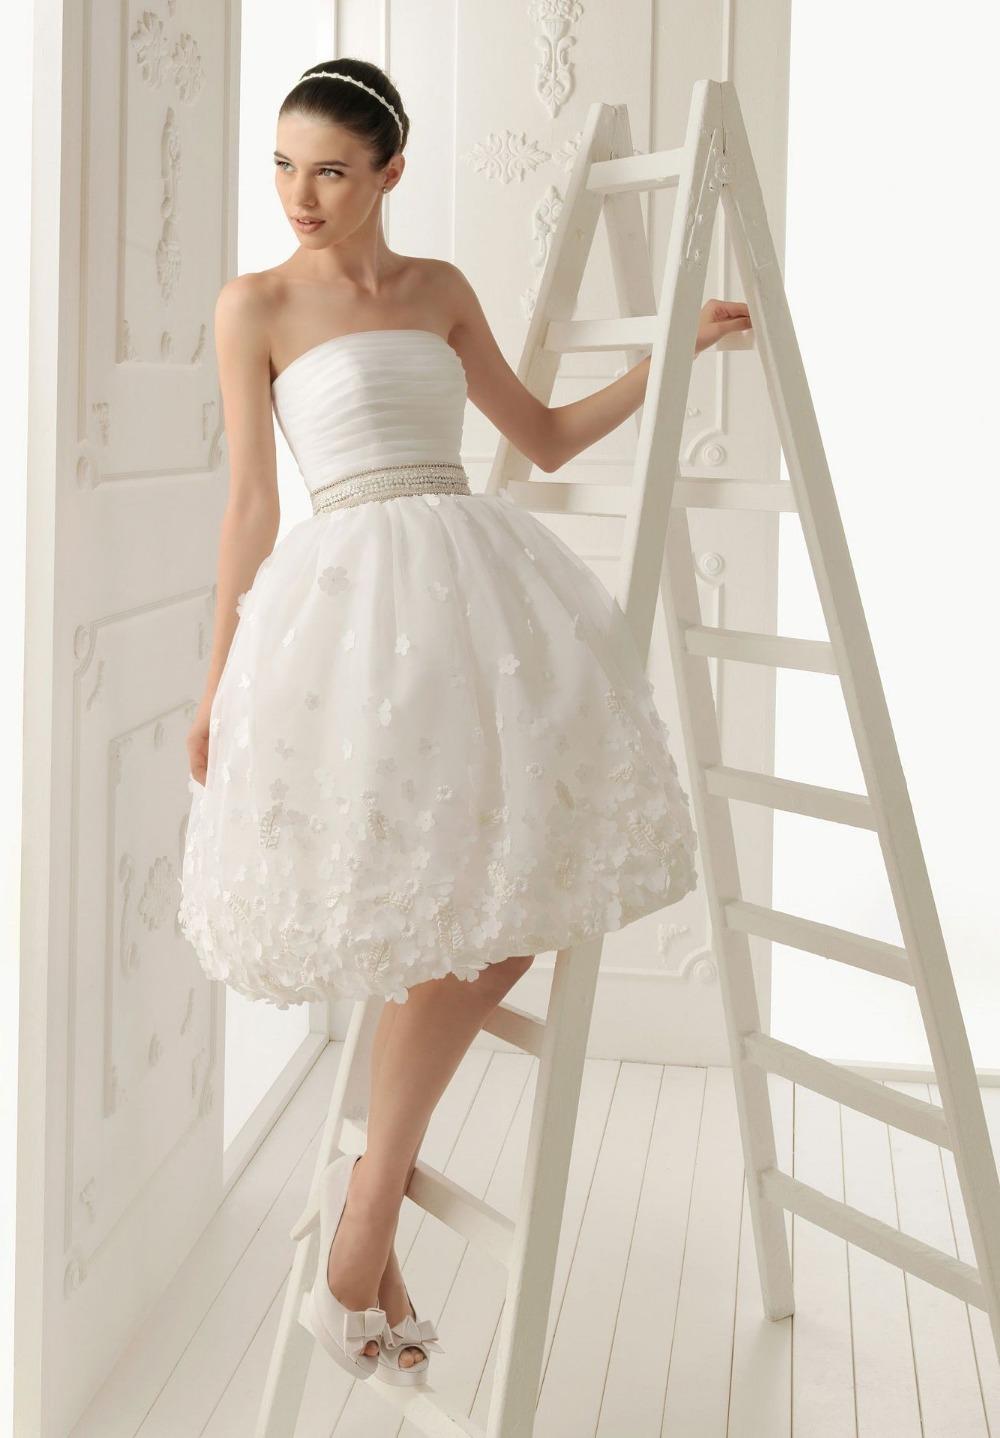 Short wedding dresses for sale cocktail dresses 2016 for Short wedding dresses for sale